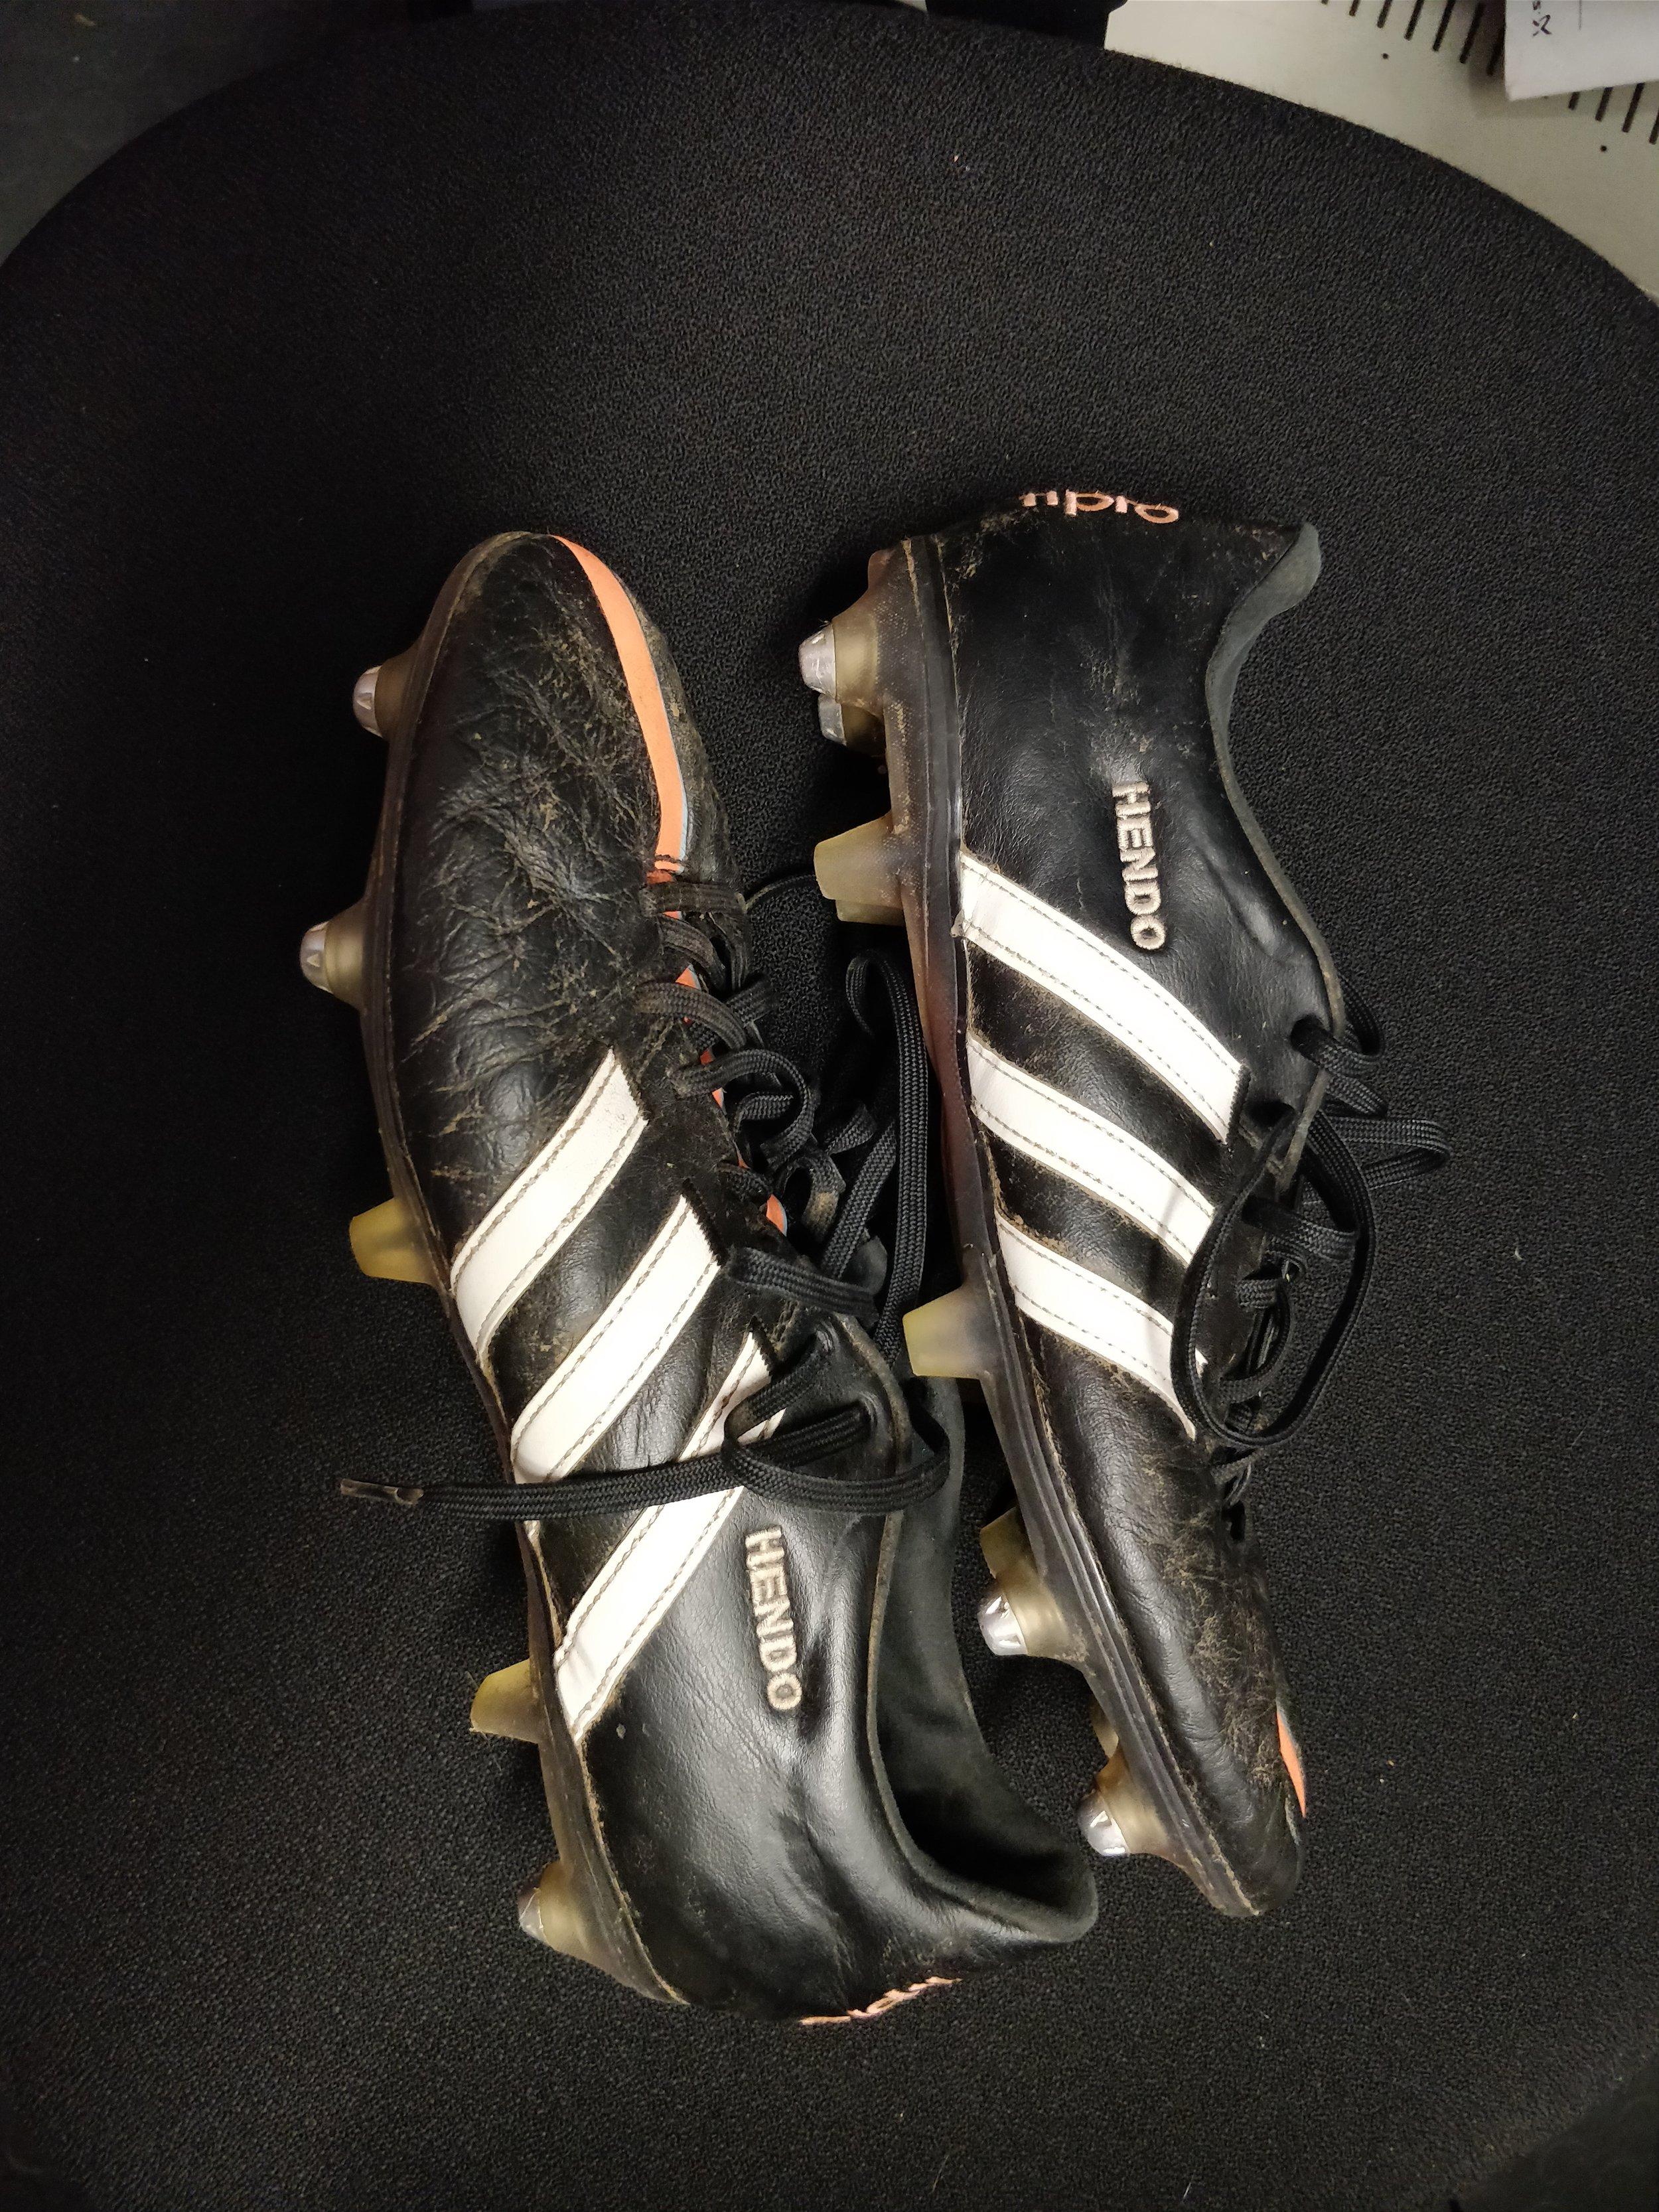 Adidas 11Pros. Size 8.5.jpg